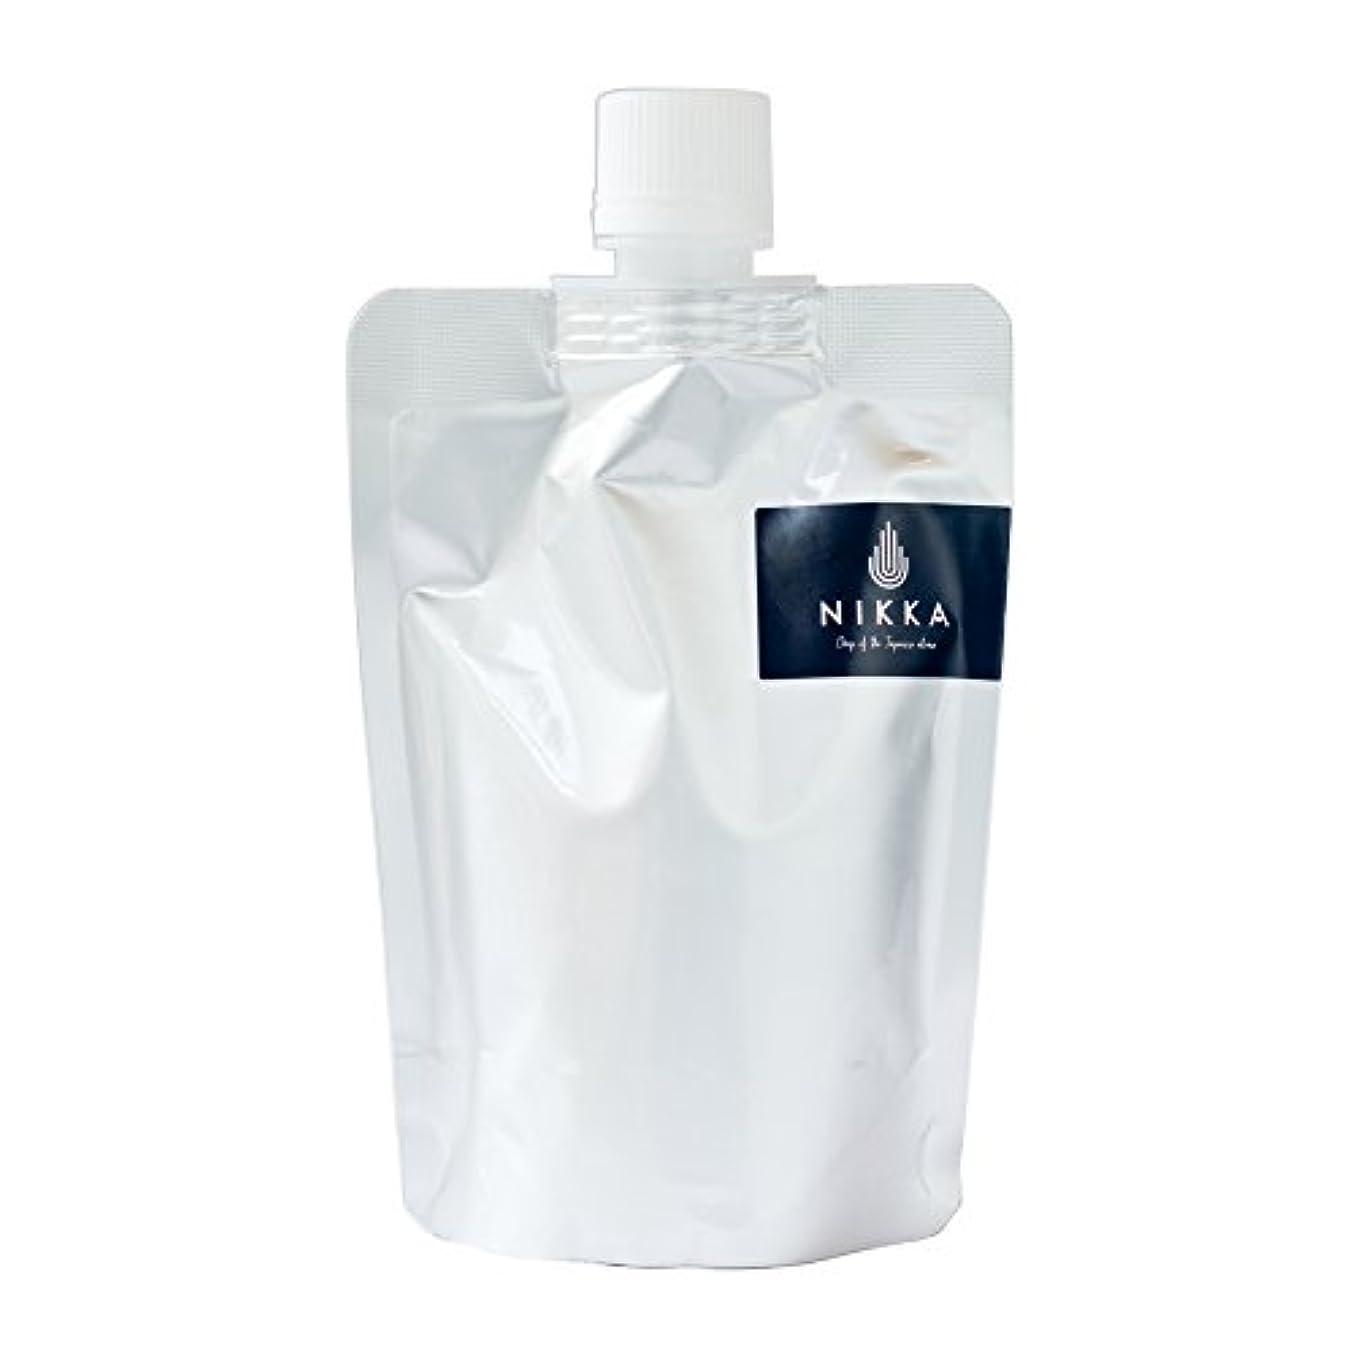 保持する欲しいです流暢NIKKA エッセンシャルオイル希釈液 ひのきしずく (パウチ詰替150ml)